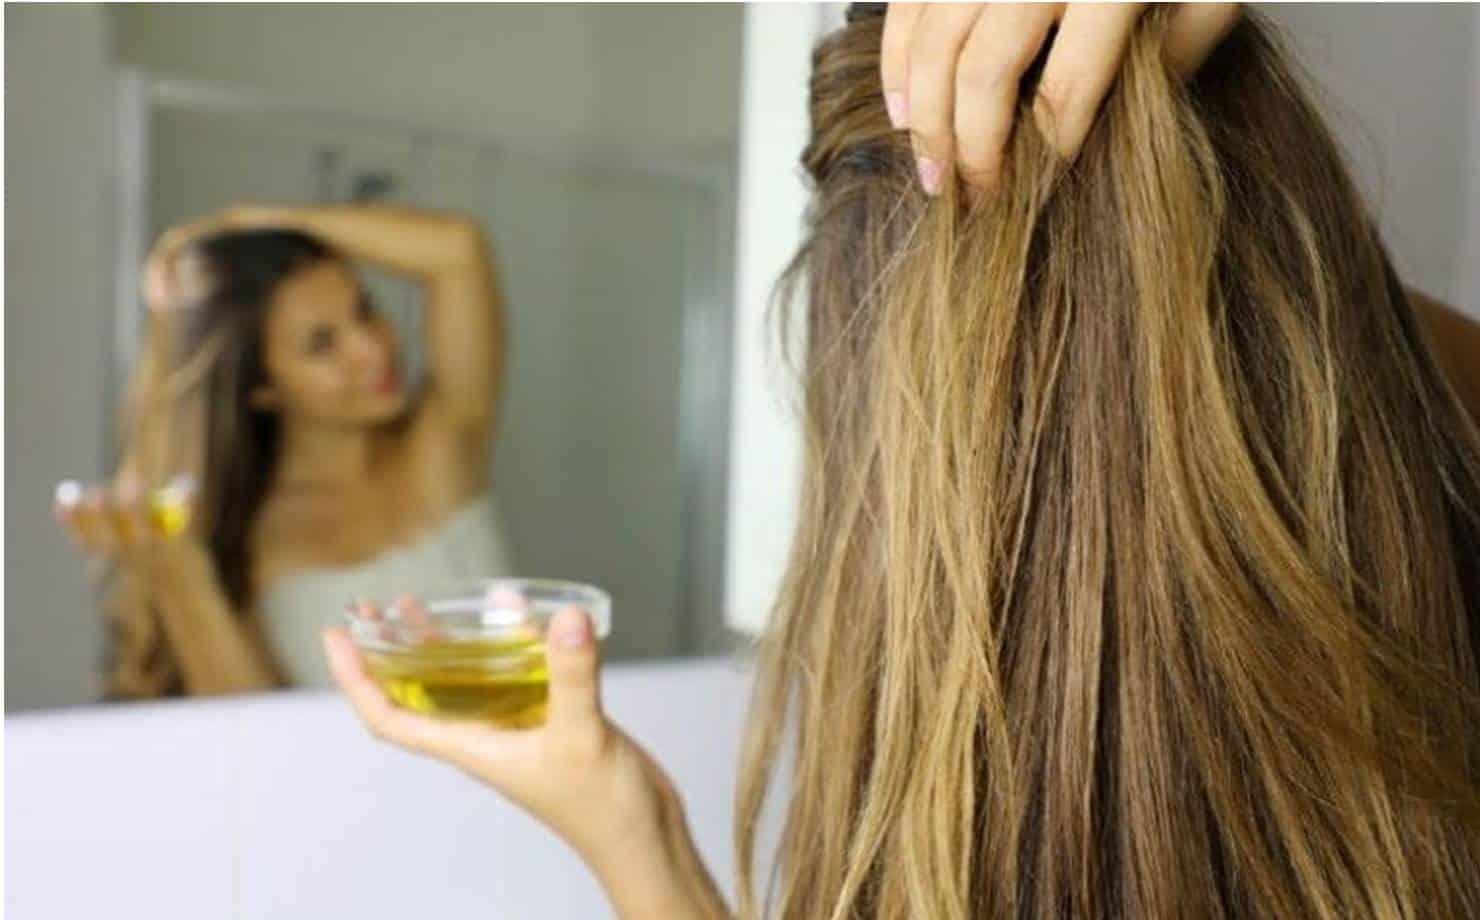 Como usar óleo de mamona no shampoo para nutrir e crescer do cabelo